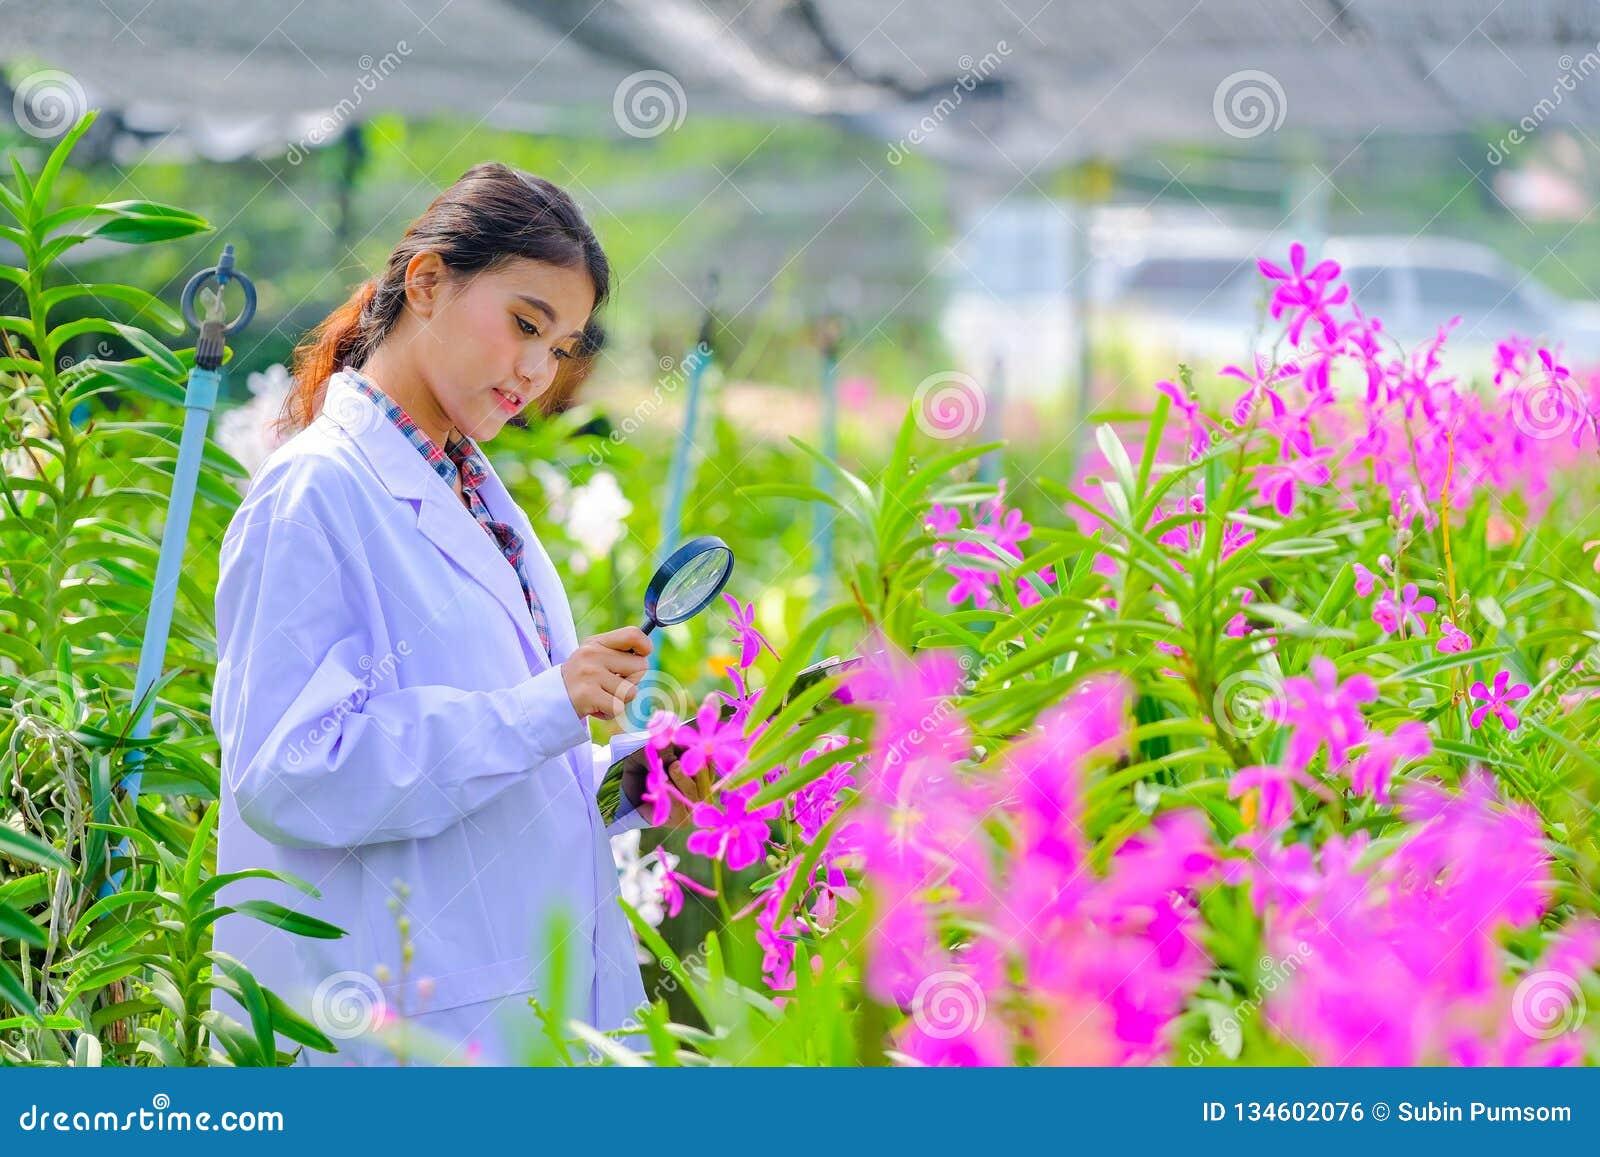 Исследователи орхидеи женщин исследующ и документирующ характеристики орхидей в саде